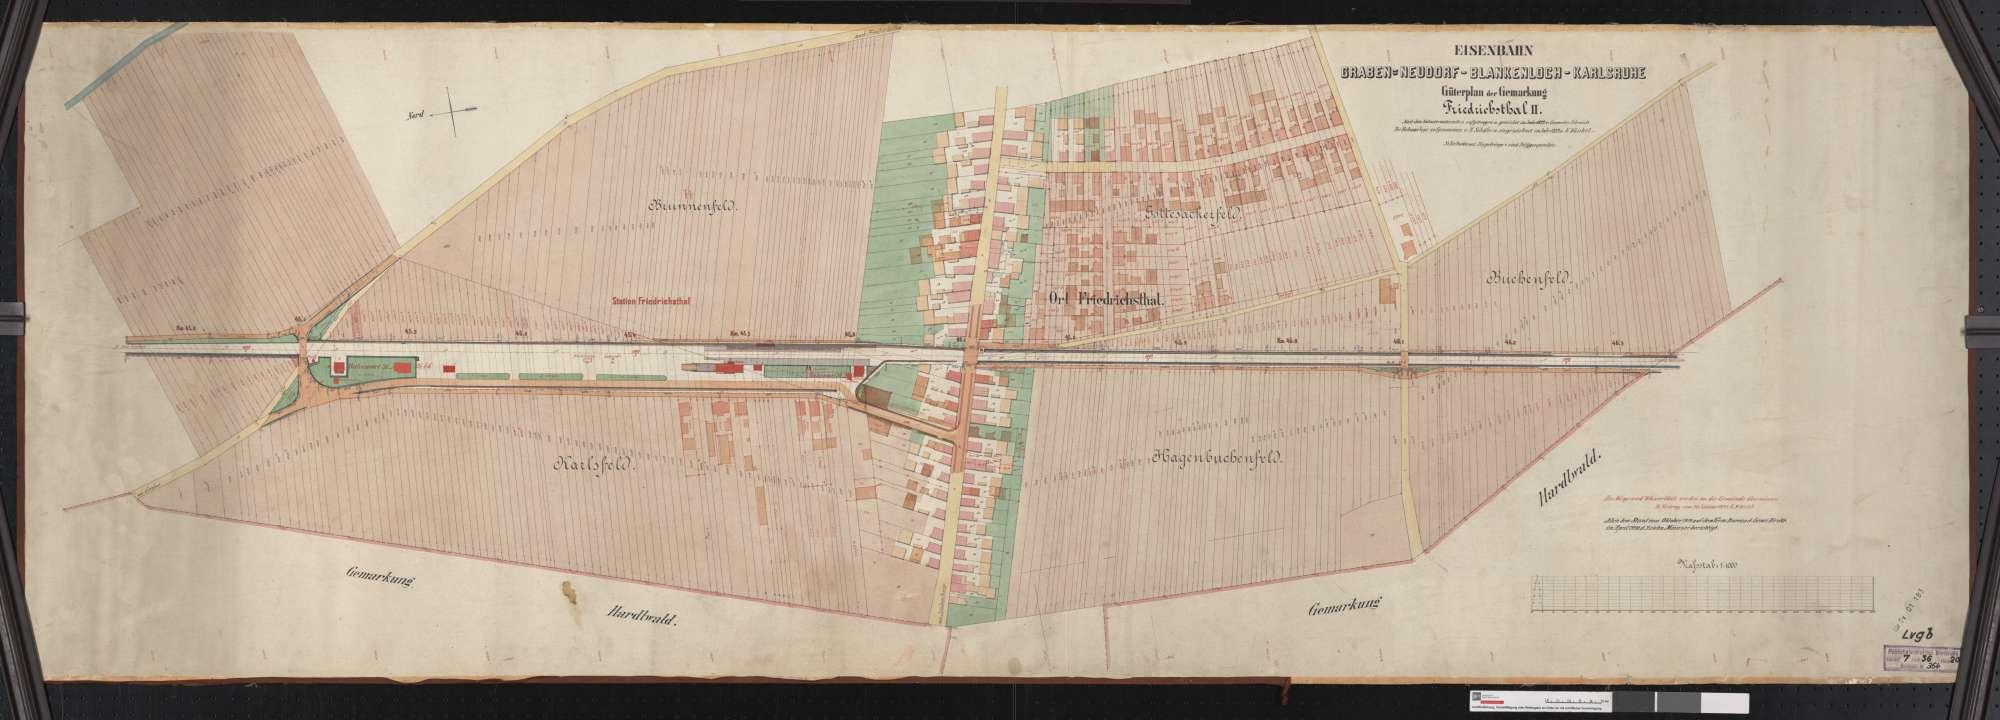 Güterplan der Eisenbahn Graben-Blankenloch-Karlsruhe: Gemarkung Friedrichstal Streckenausschnitt: 45,0 bis 46,3 km, Bild 1